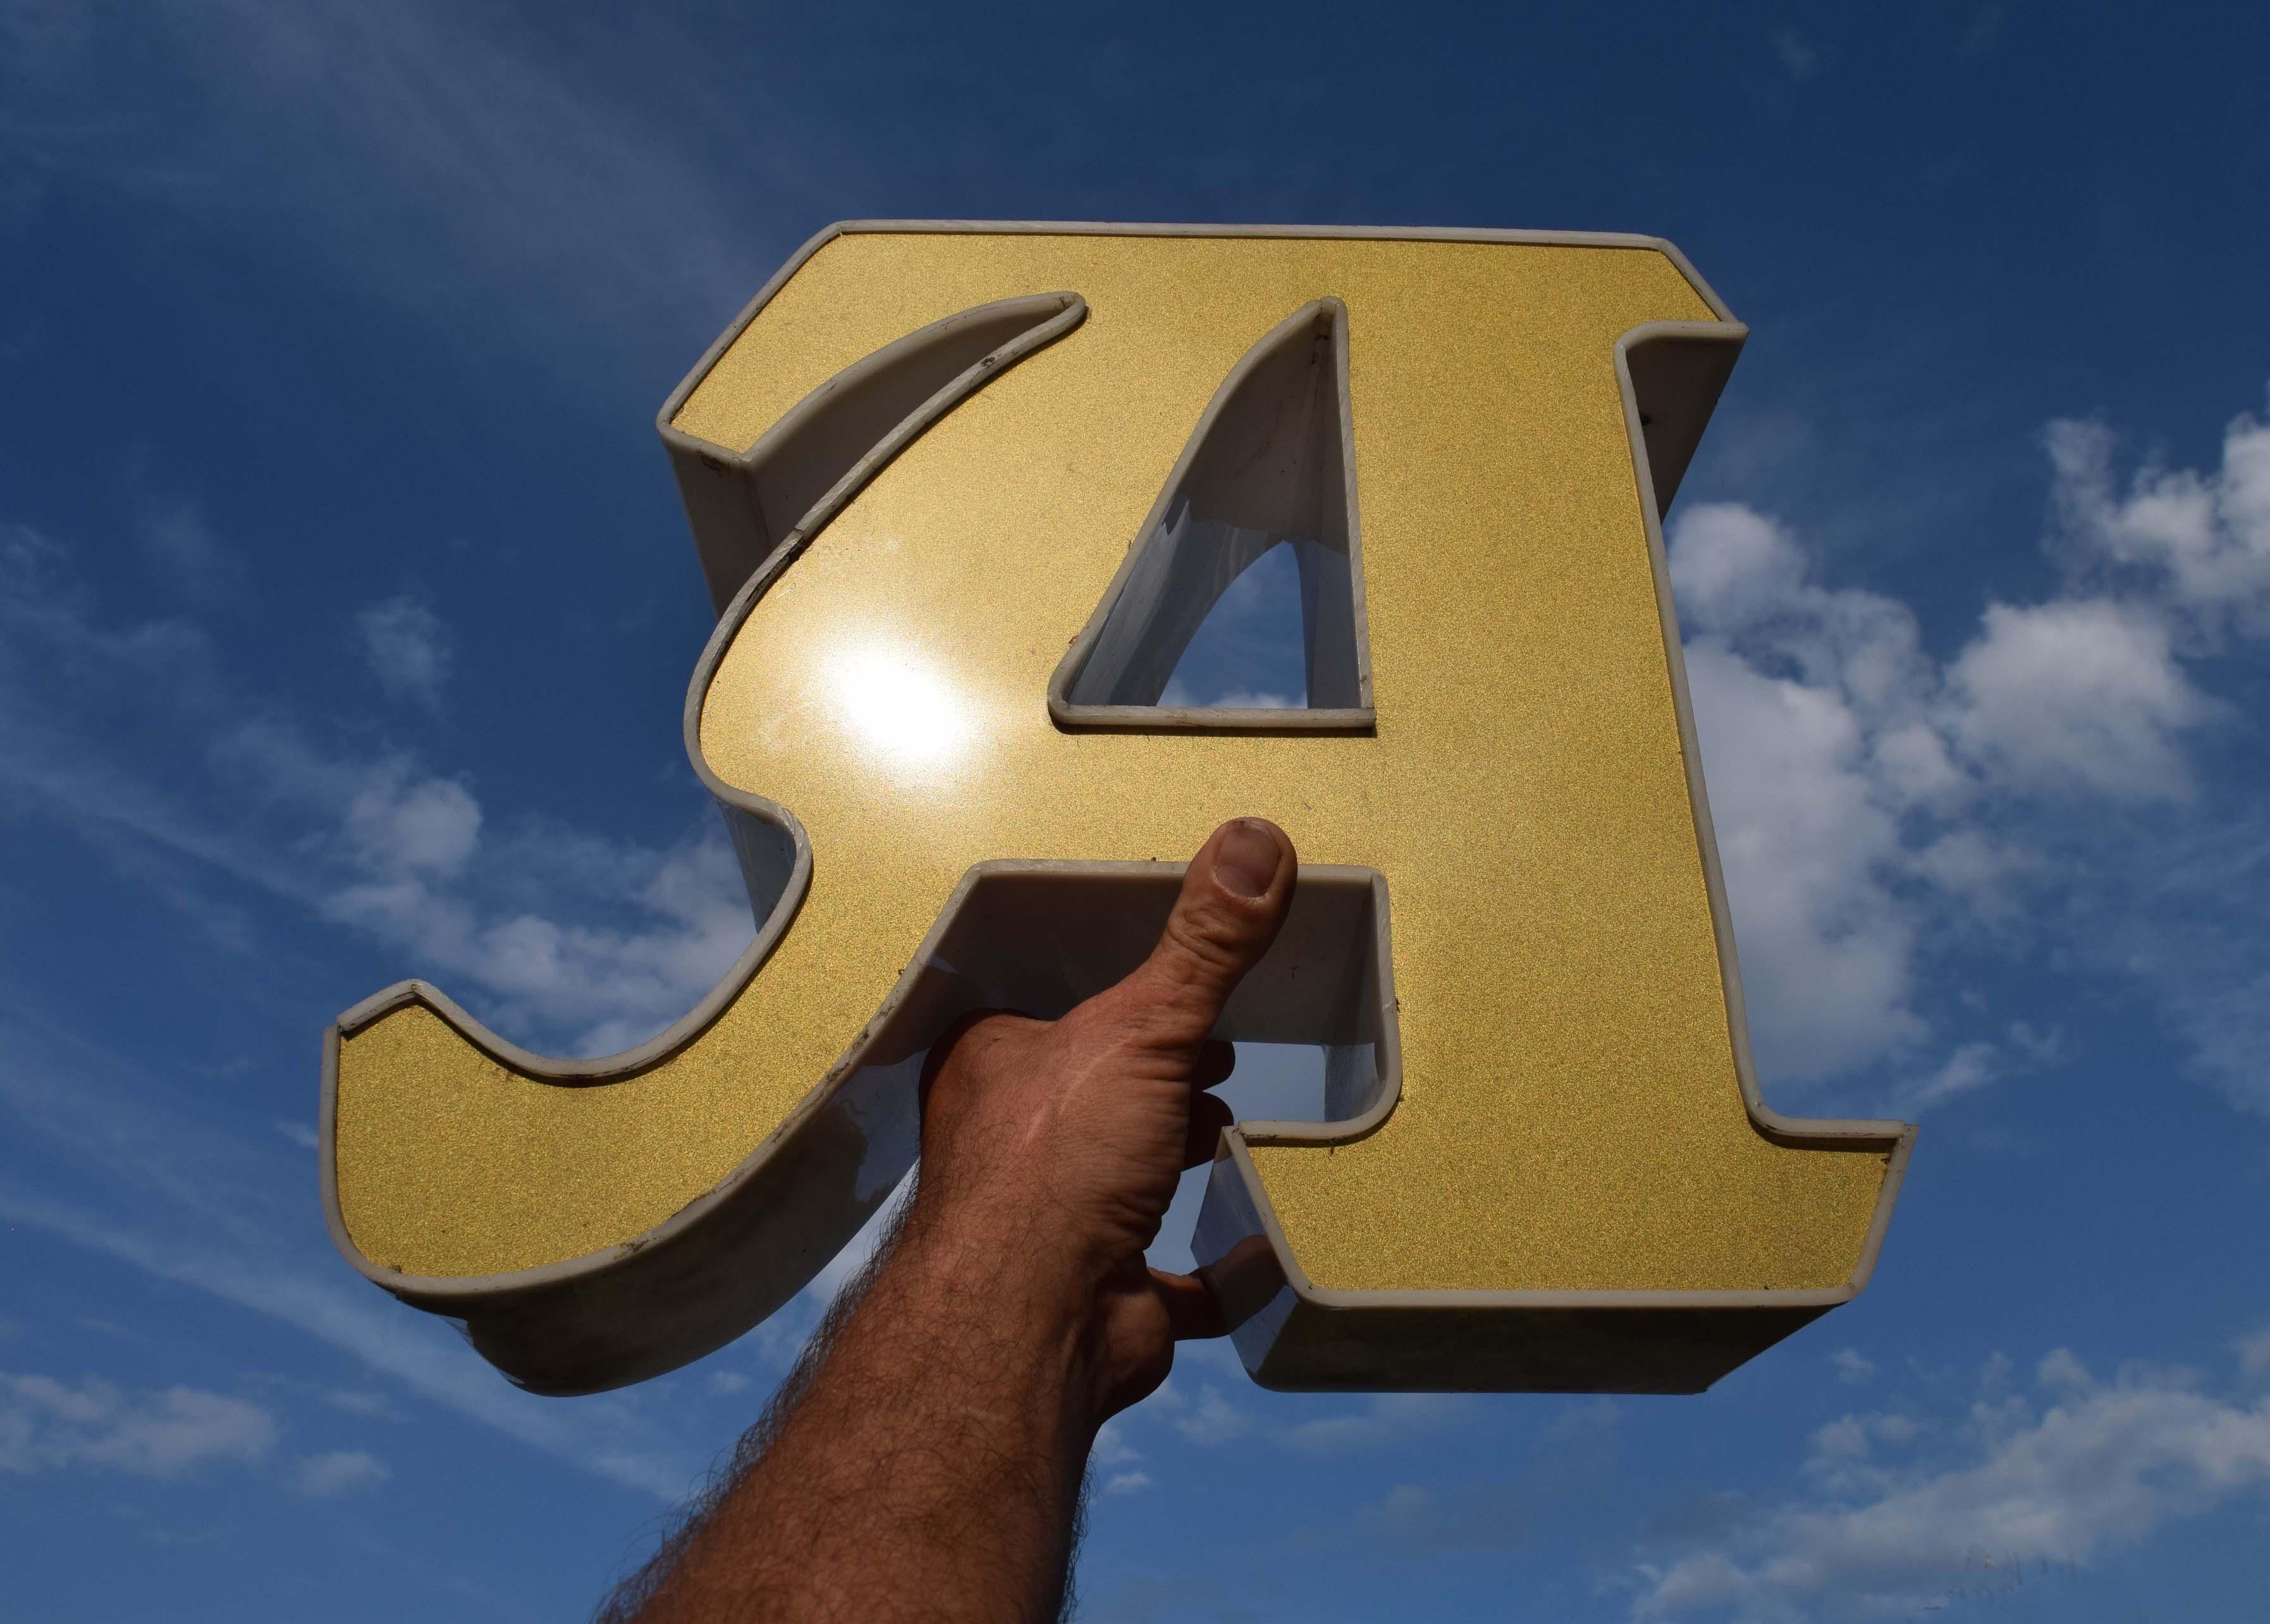 des lettres d 39 enseigne vintage lettres d pareill es lumineuses lettres en t le avec typo. Black Bedroom Furniture Sets. Home Design Ideas